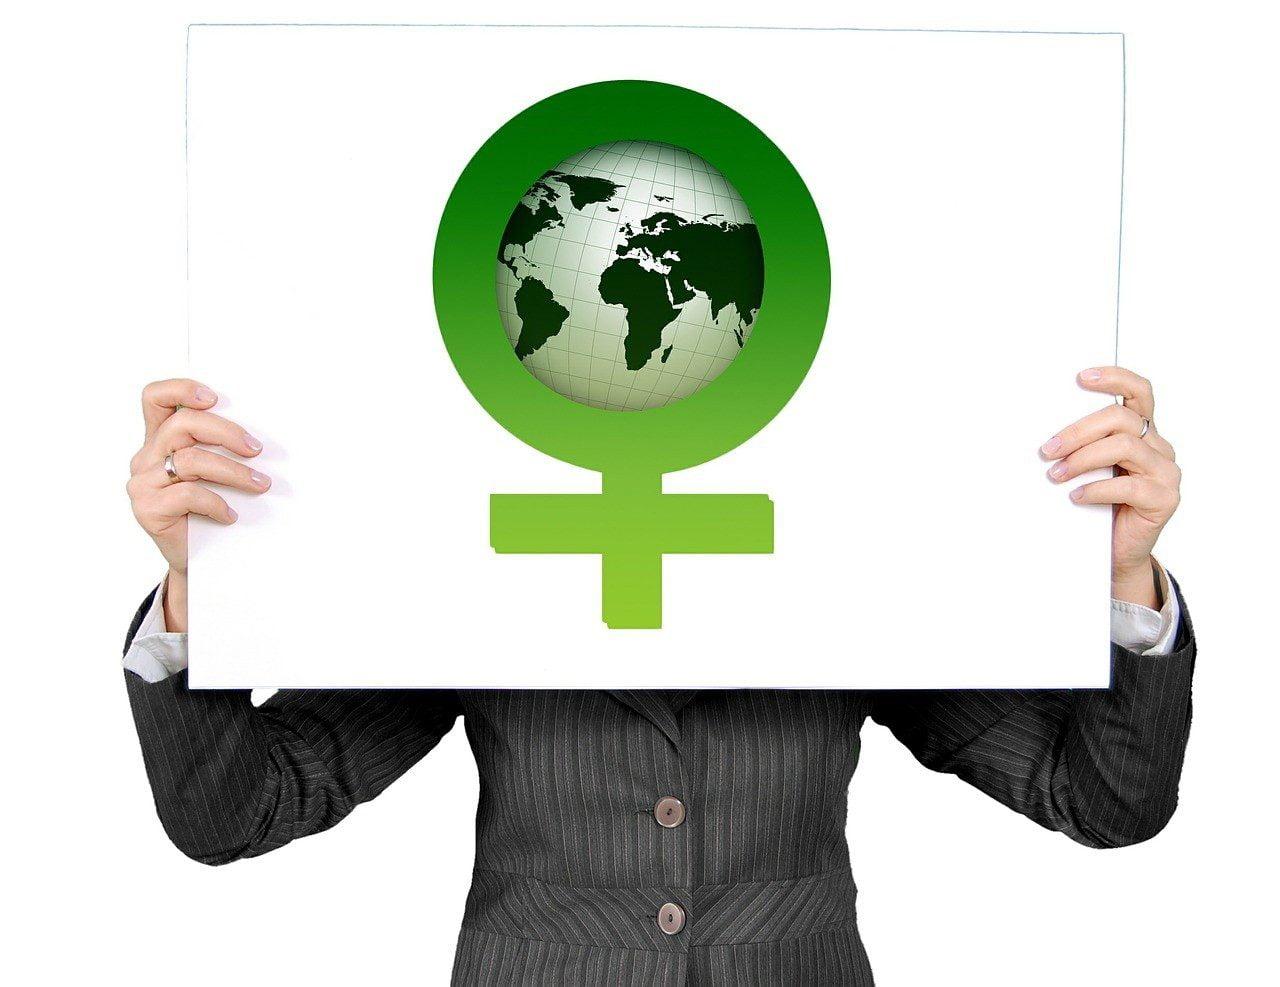 Mulheres em cargo de liderança: o equilíbrio